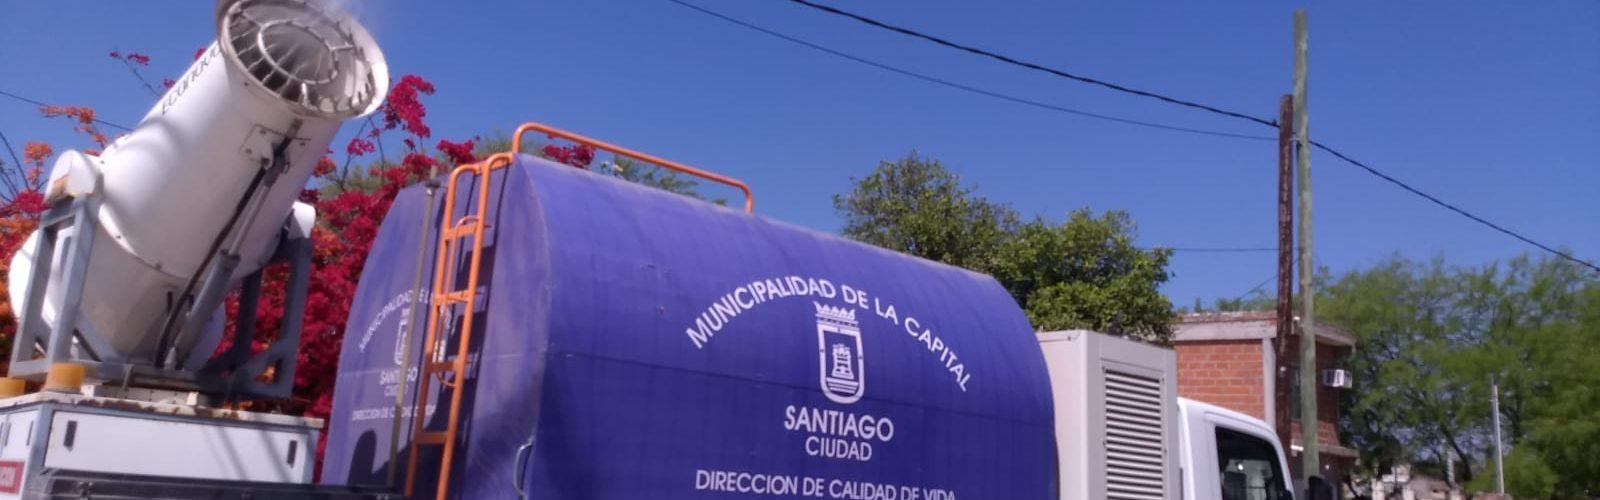 El programa de fumigaciones de la Municipalidad impactará con su trabajo en varios barrios